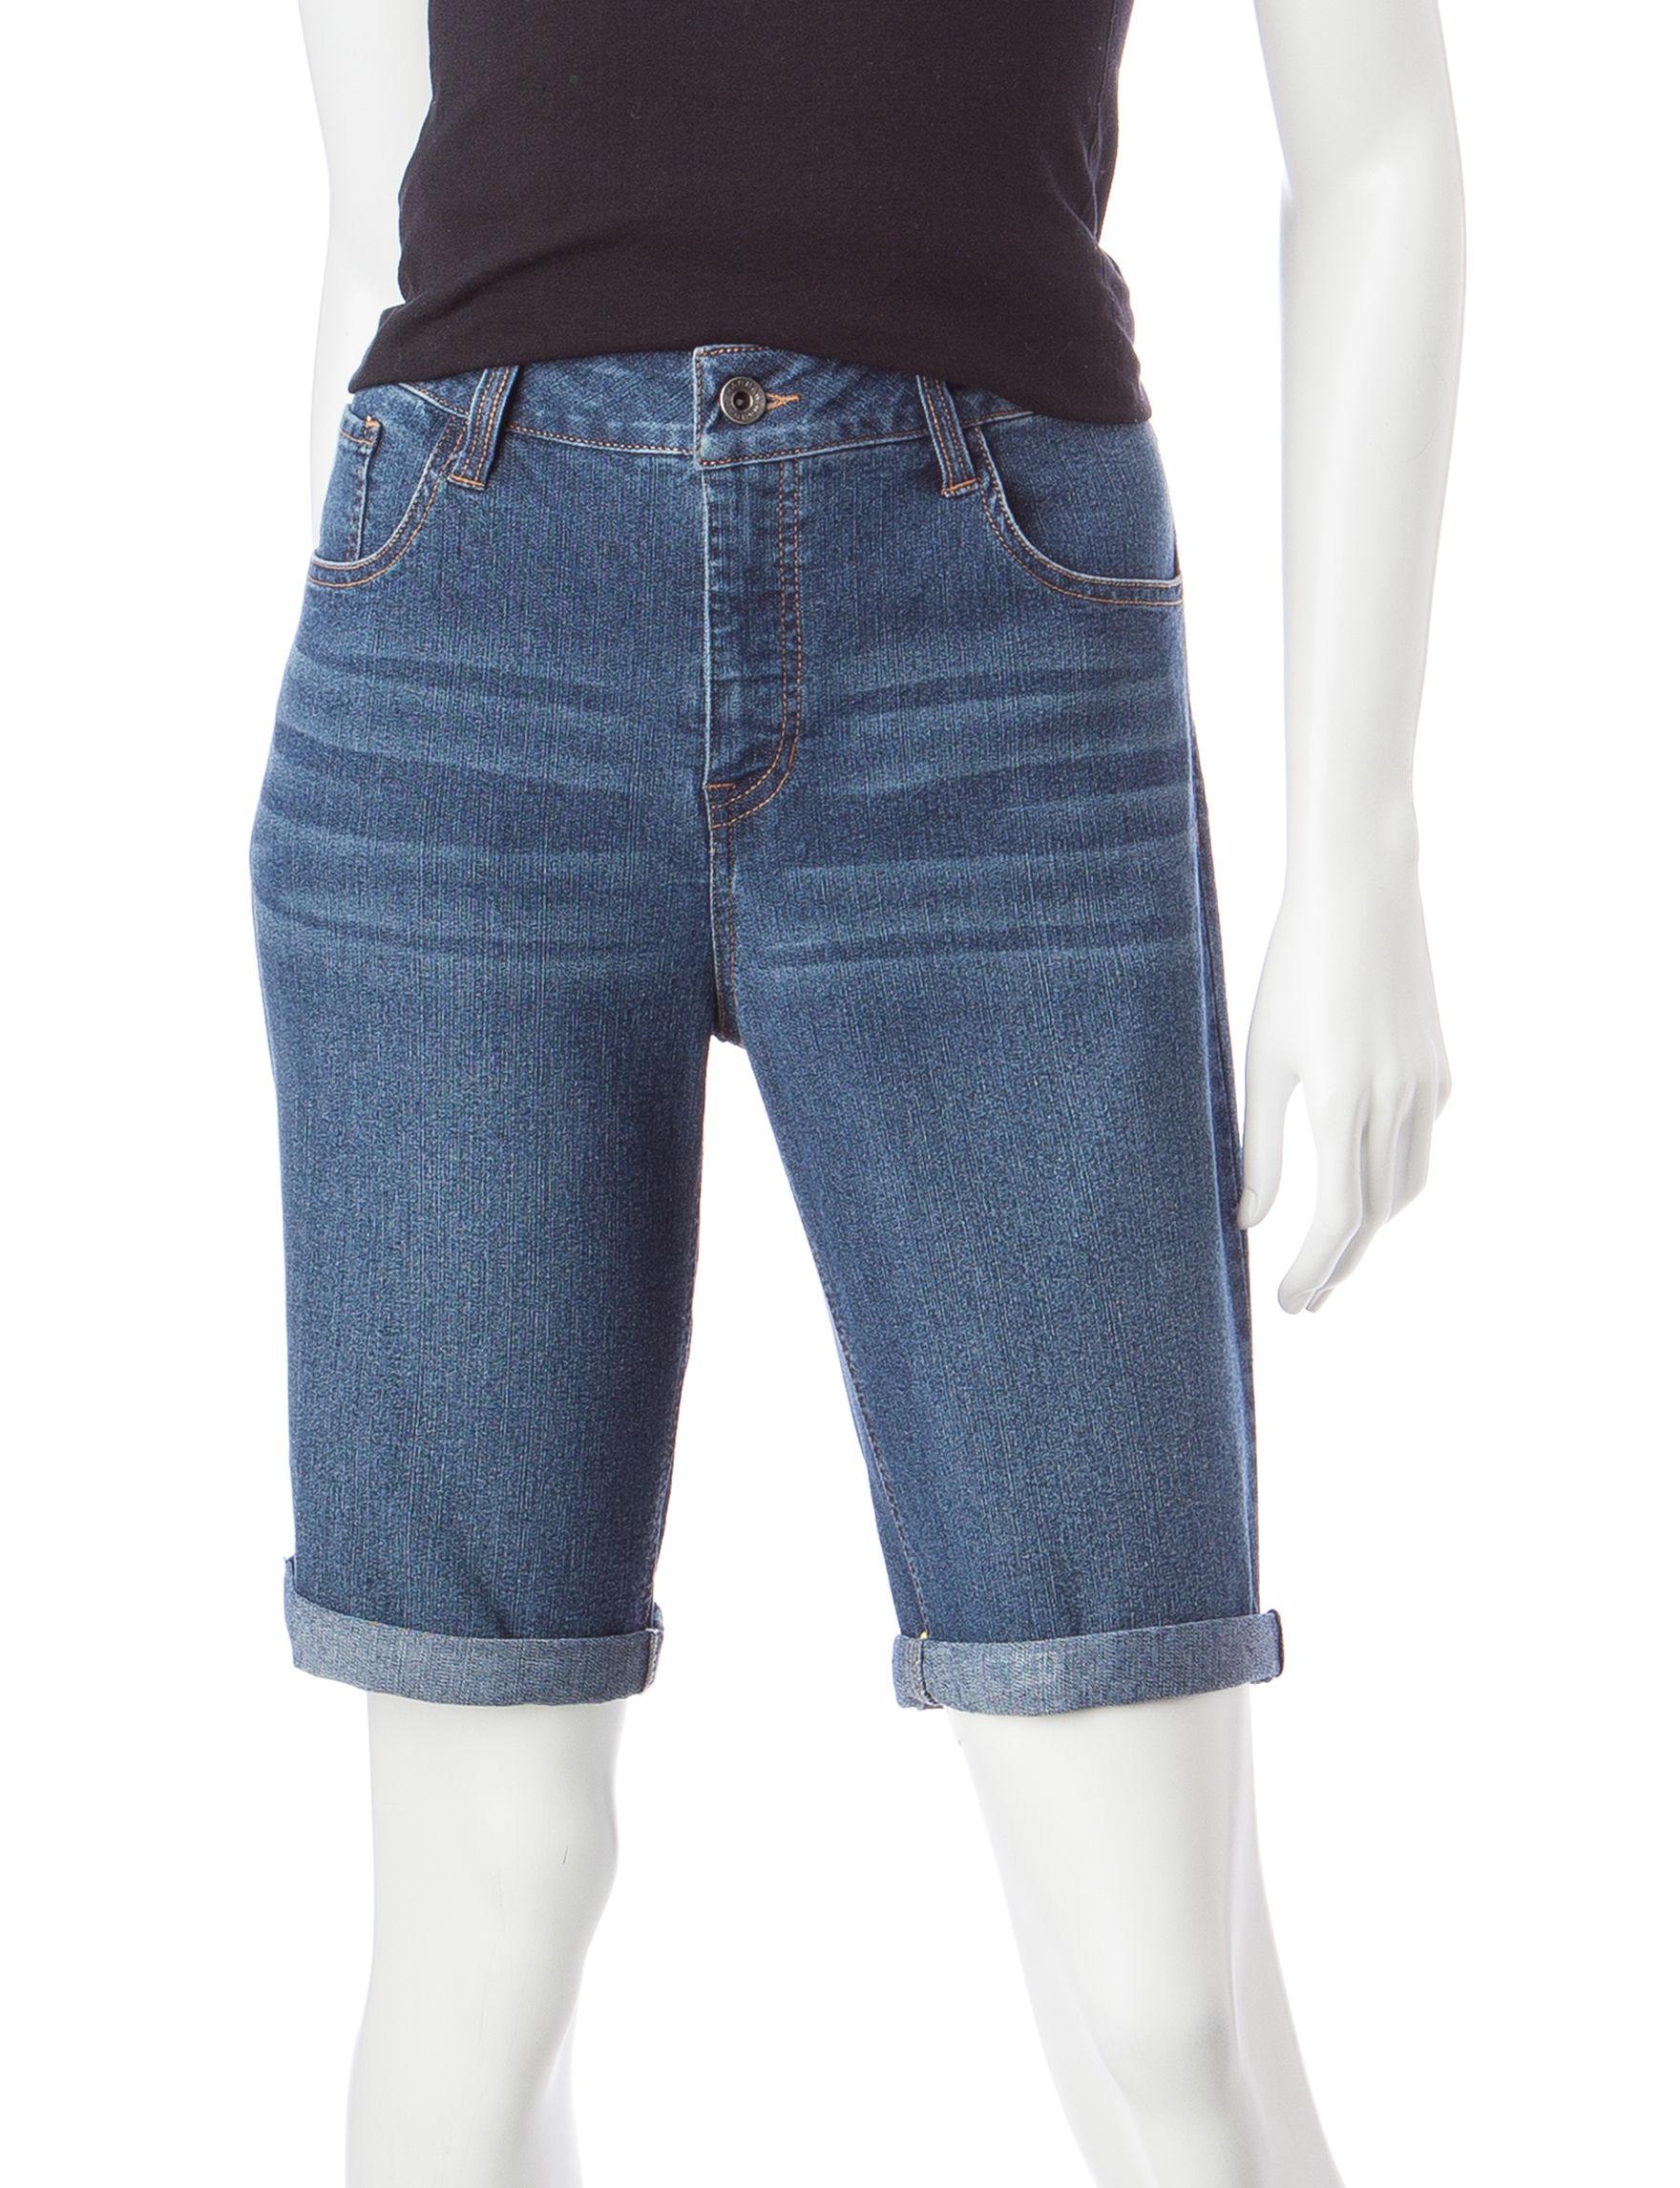 Hannah Dark Blue Bermudas Denim Shorts